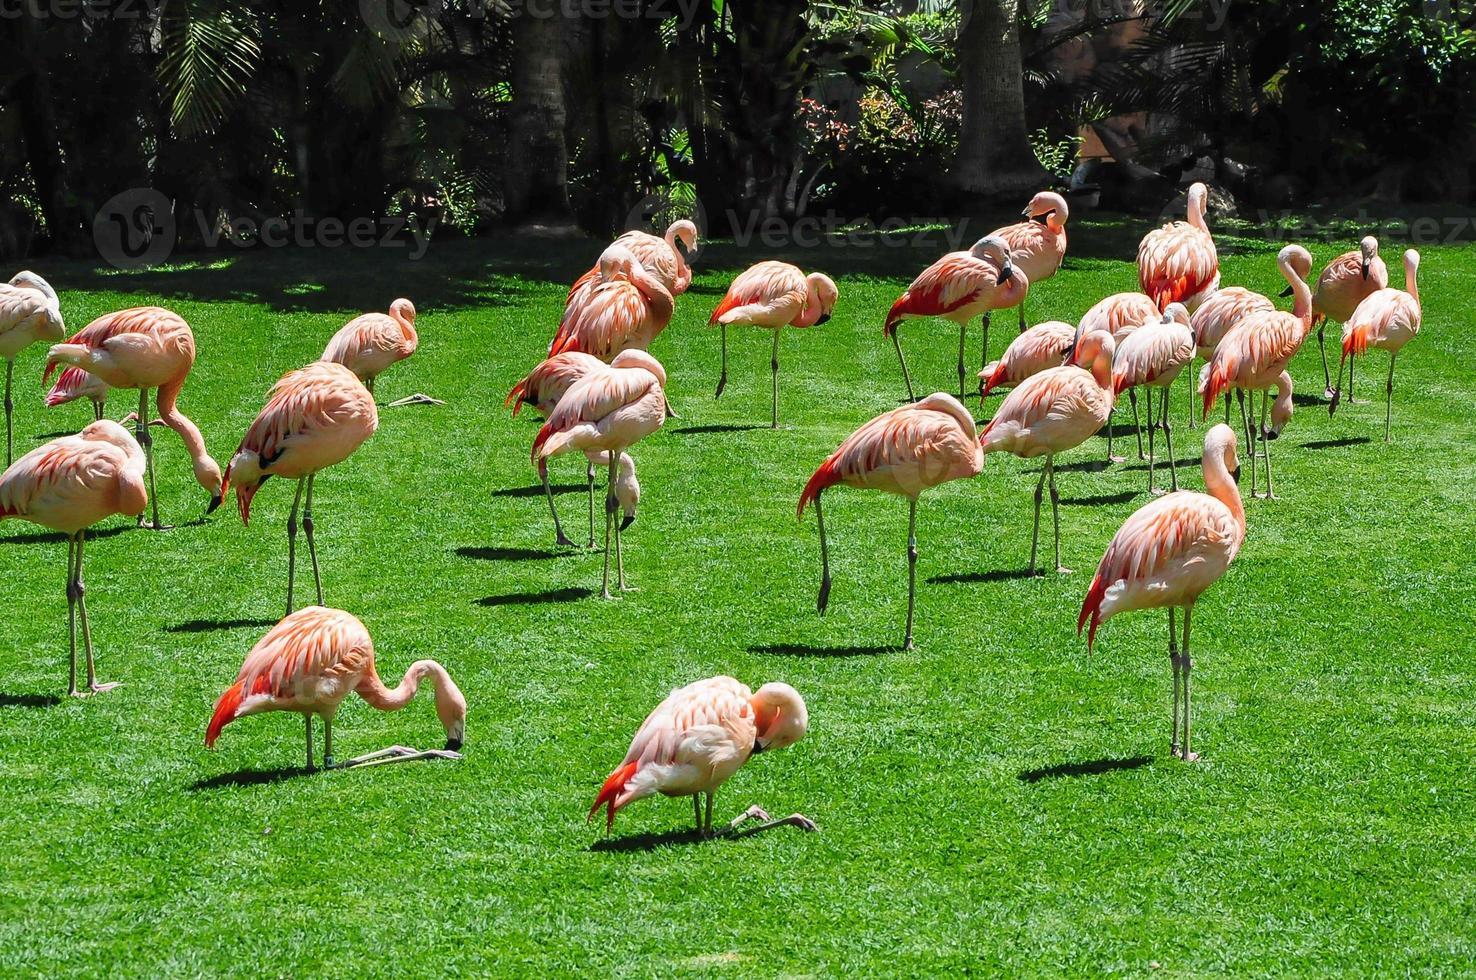 groep flamingo's op groen gras foto